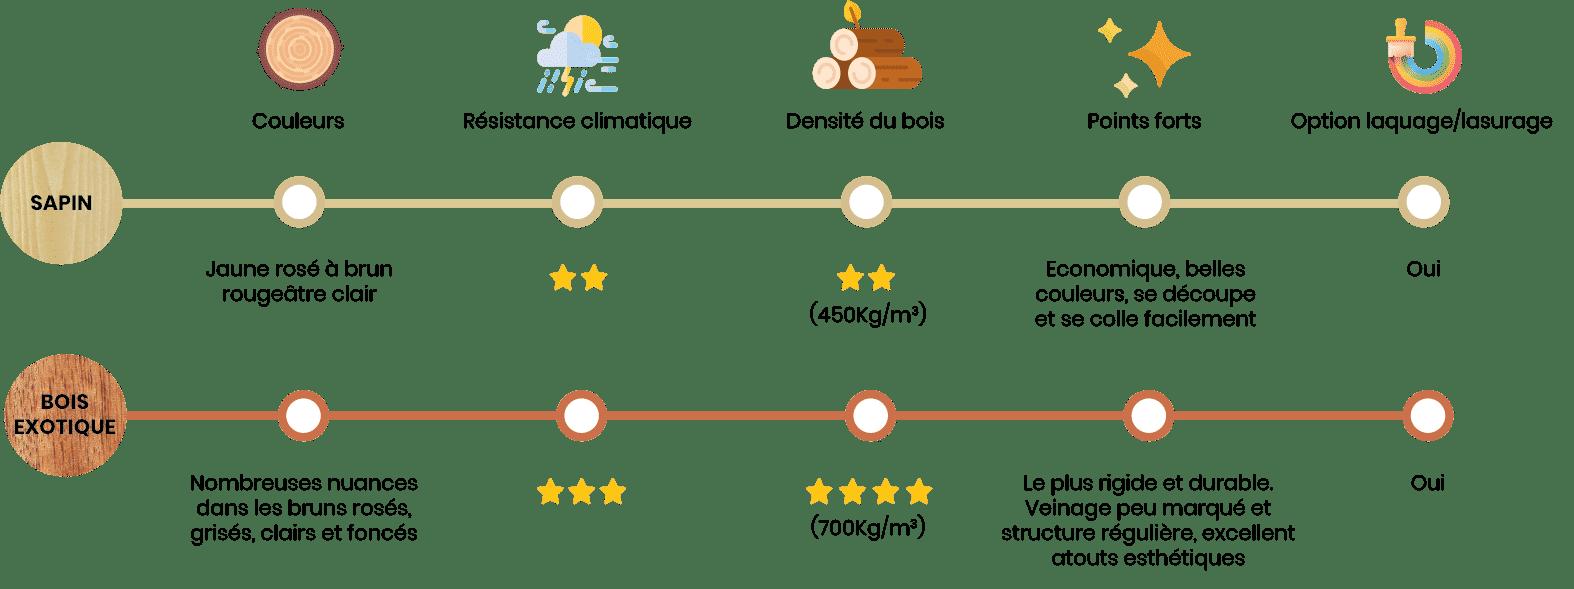 Essences de bois infographie - volets coulissants